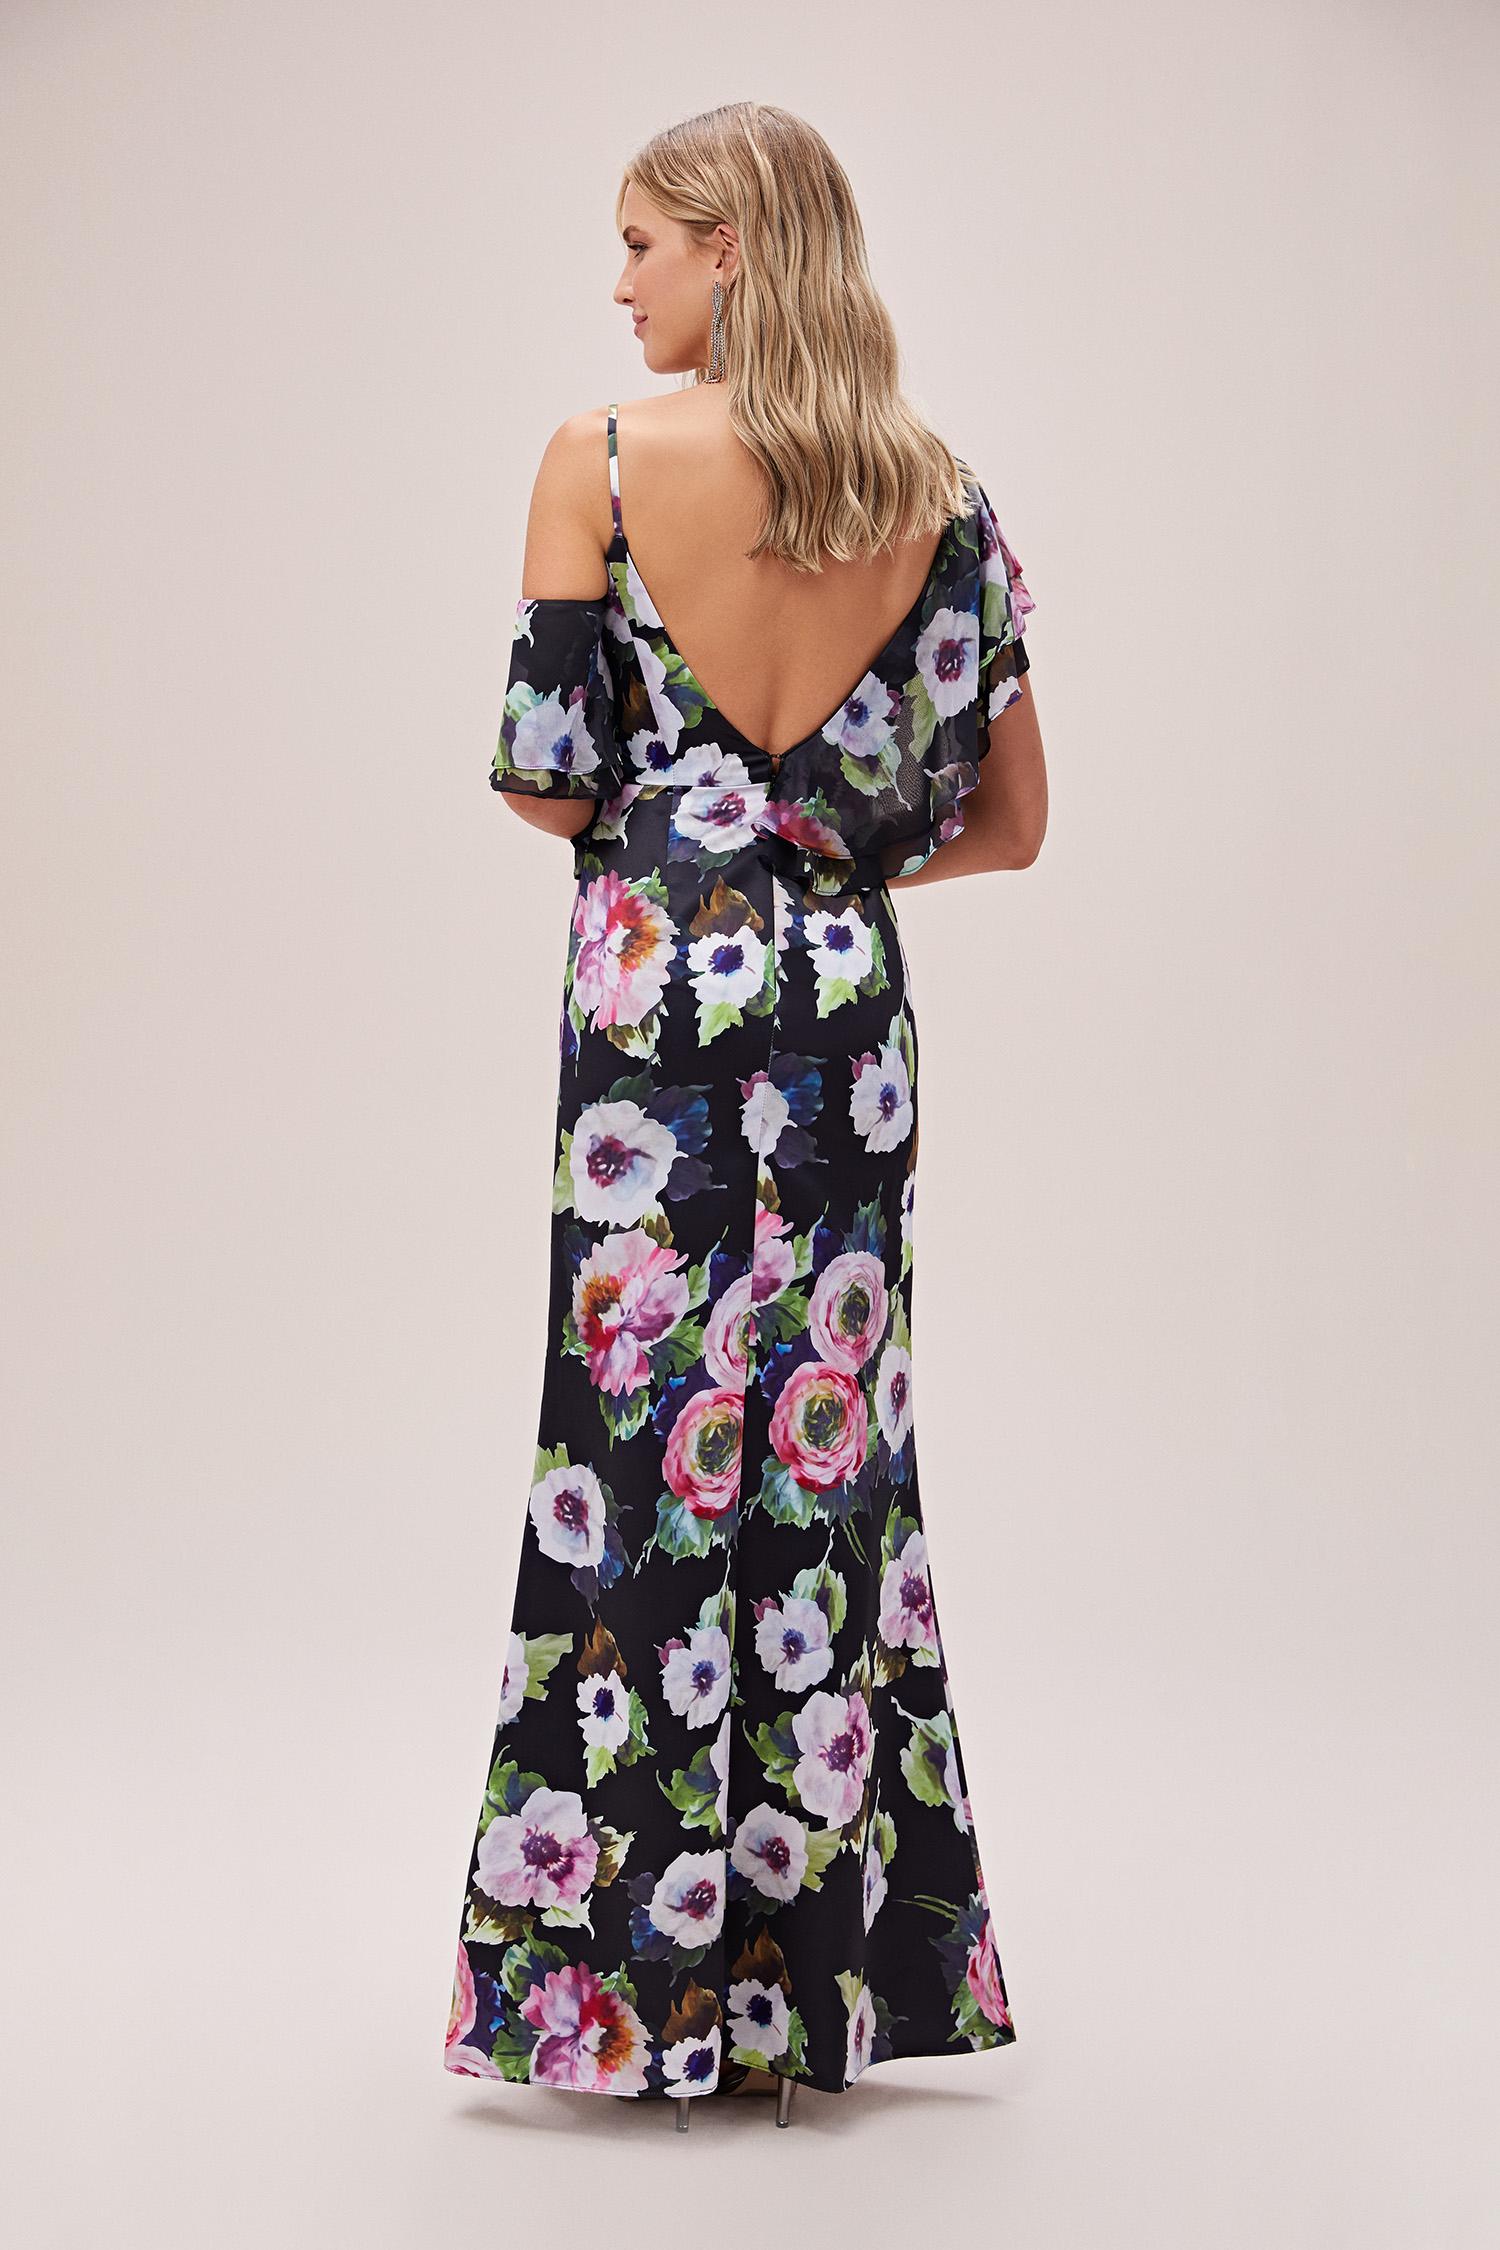 Siyah V Yaka Farbalalı Çiçekli Şifon Uzun Elbise - Thumbnail